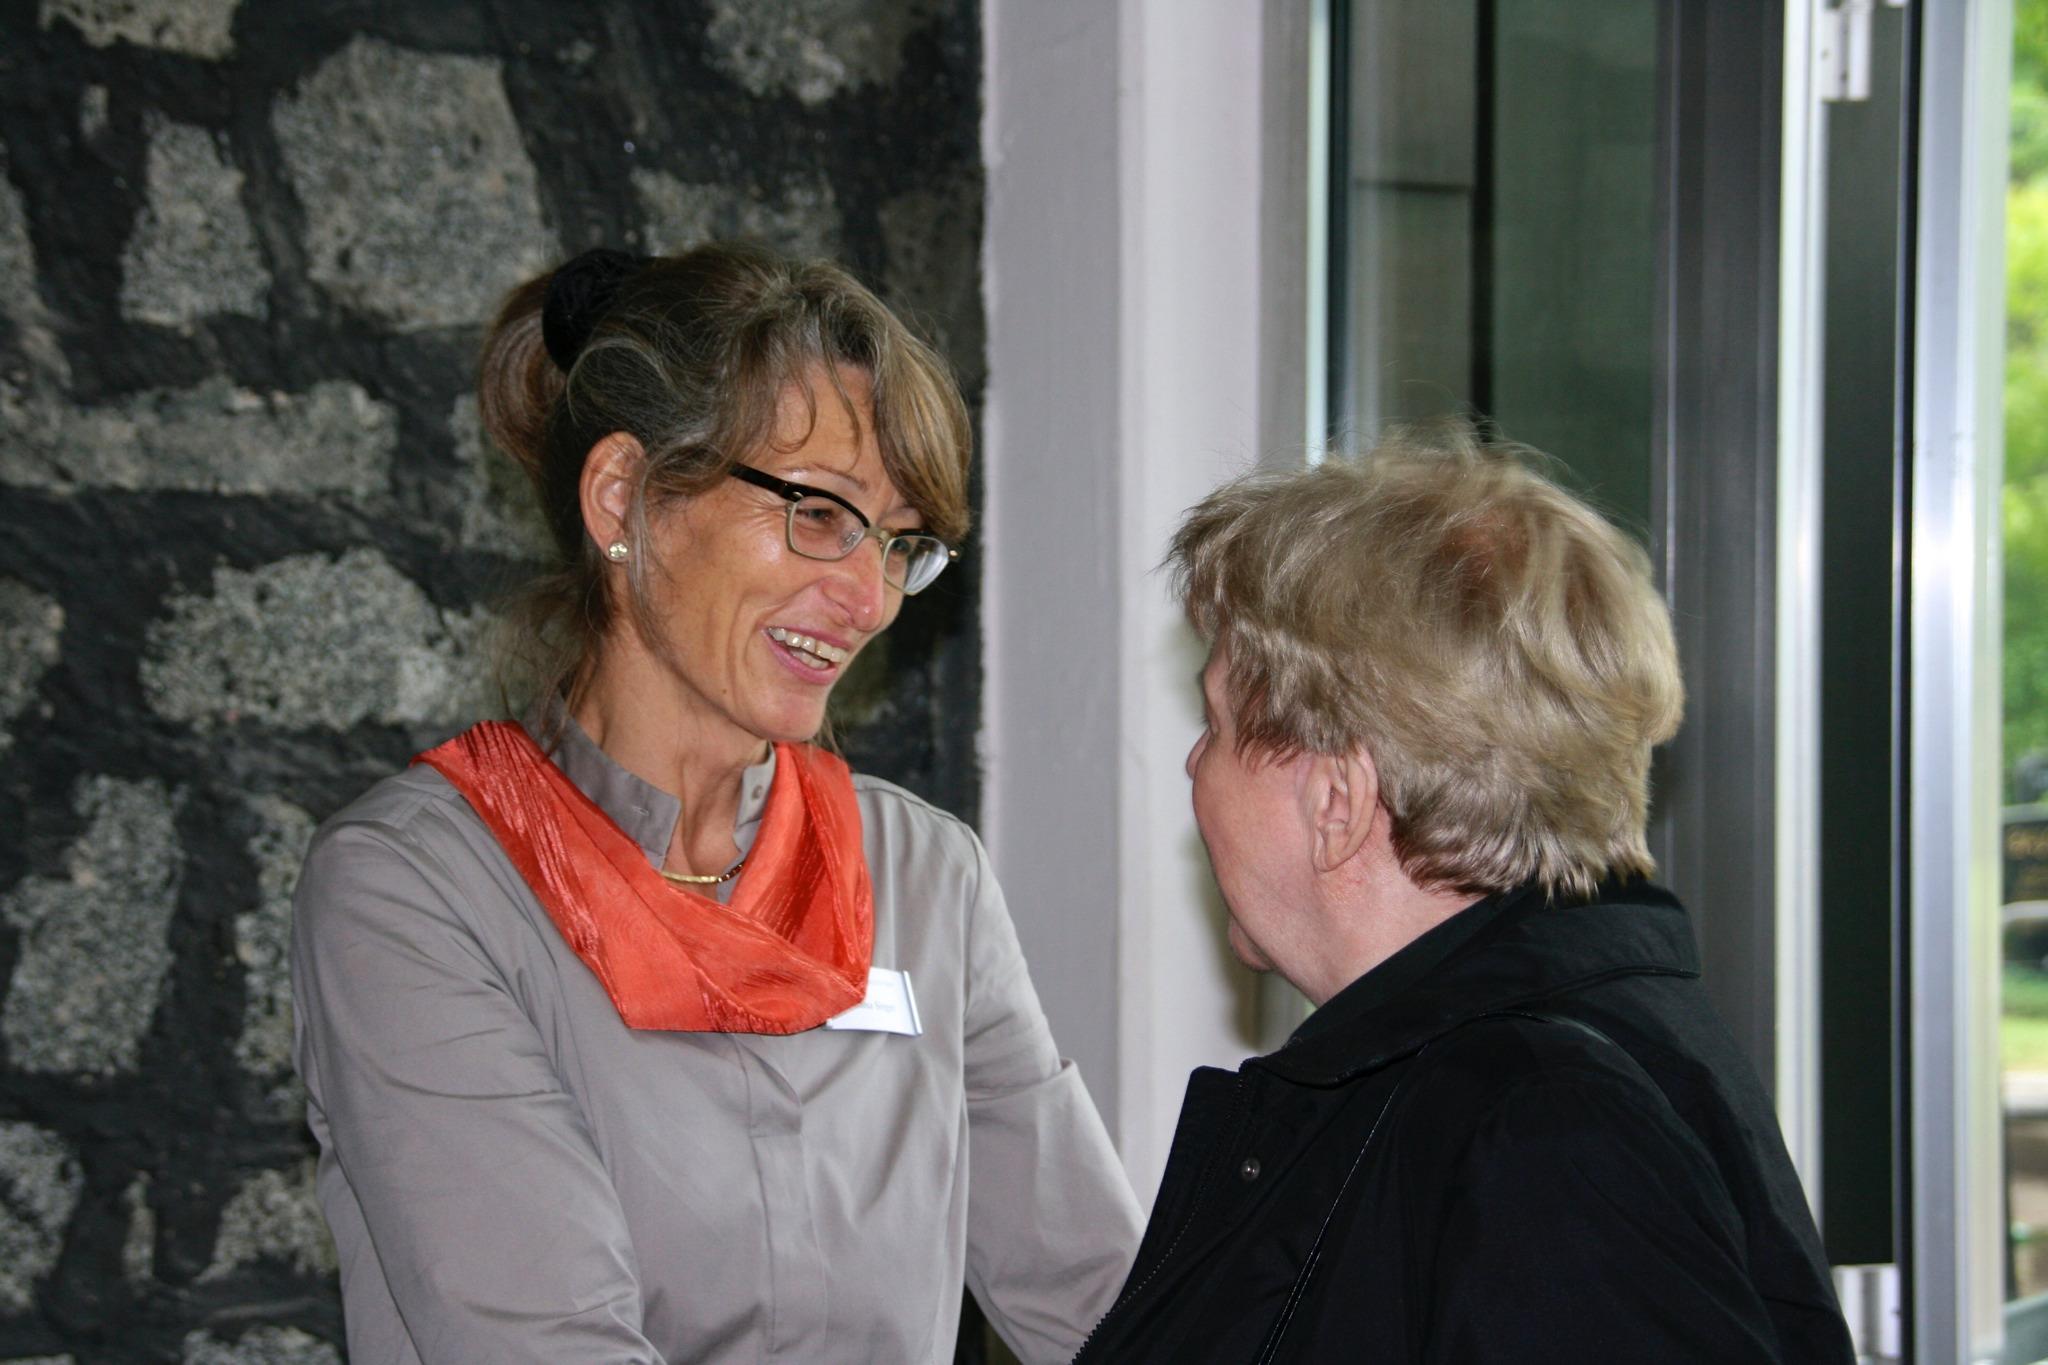 Frau Sieger im Gespräch